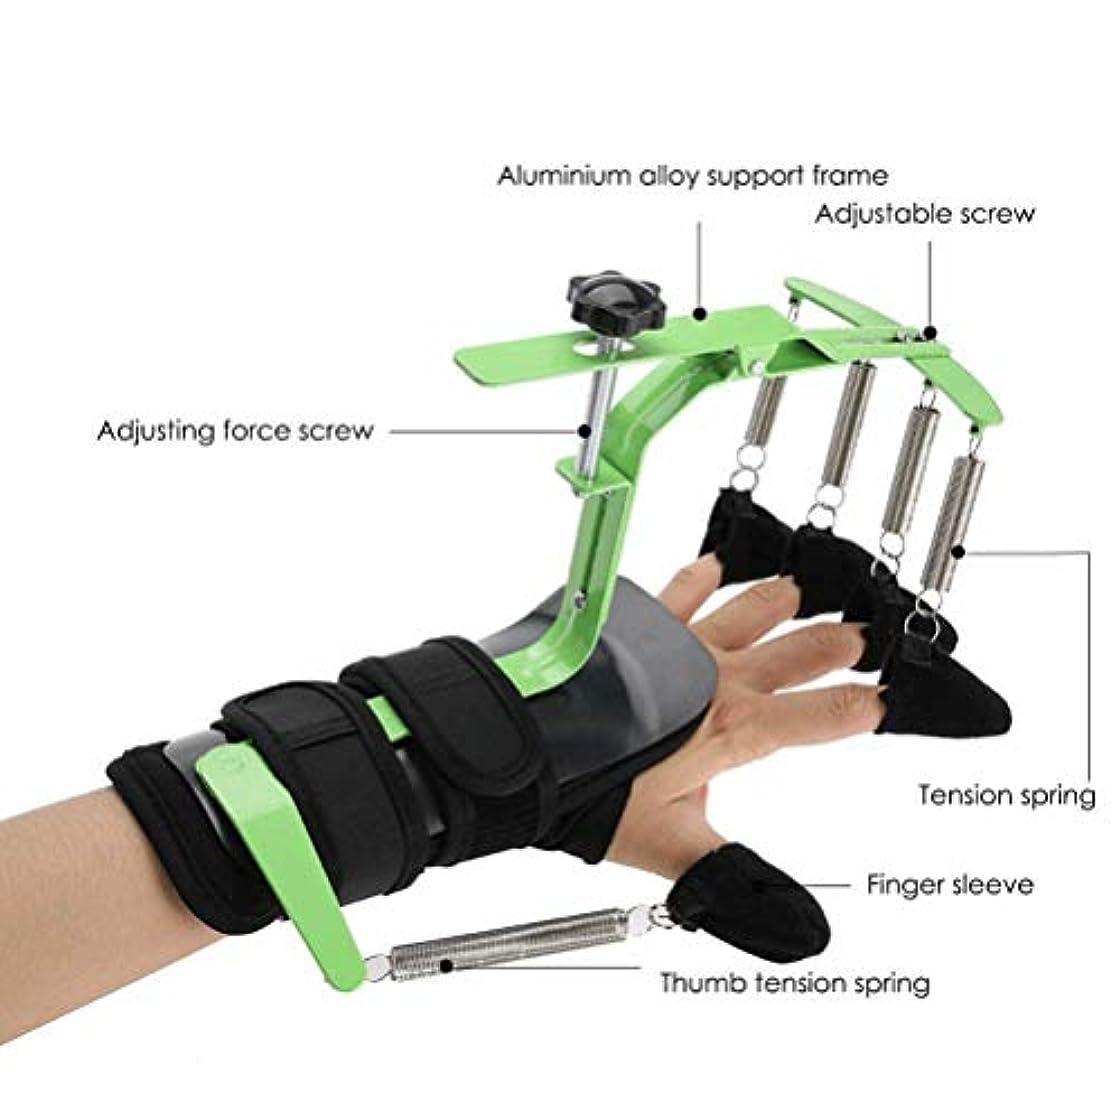 女王親指無一文脳卒中片麻痺患者の指セパレータースプリントのためにリハビリテーションブレース指トレーニング、デバイスにサポートの手の手首のインソールトレーニング機器を指